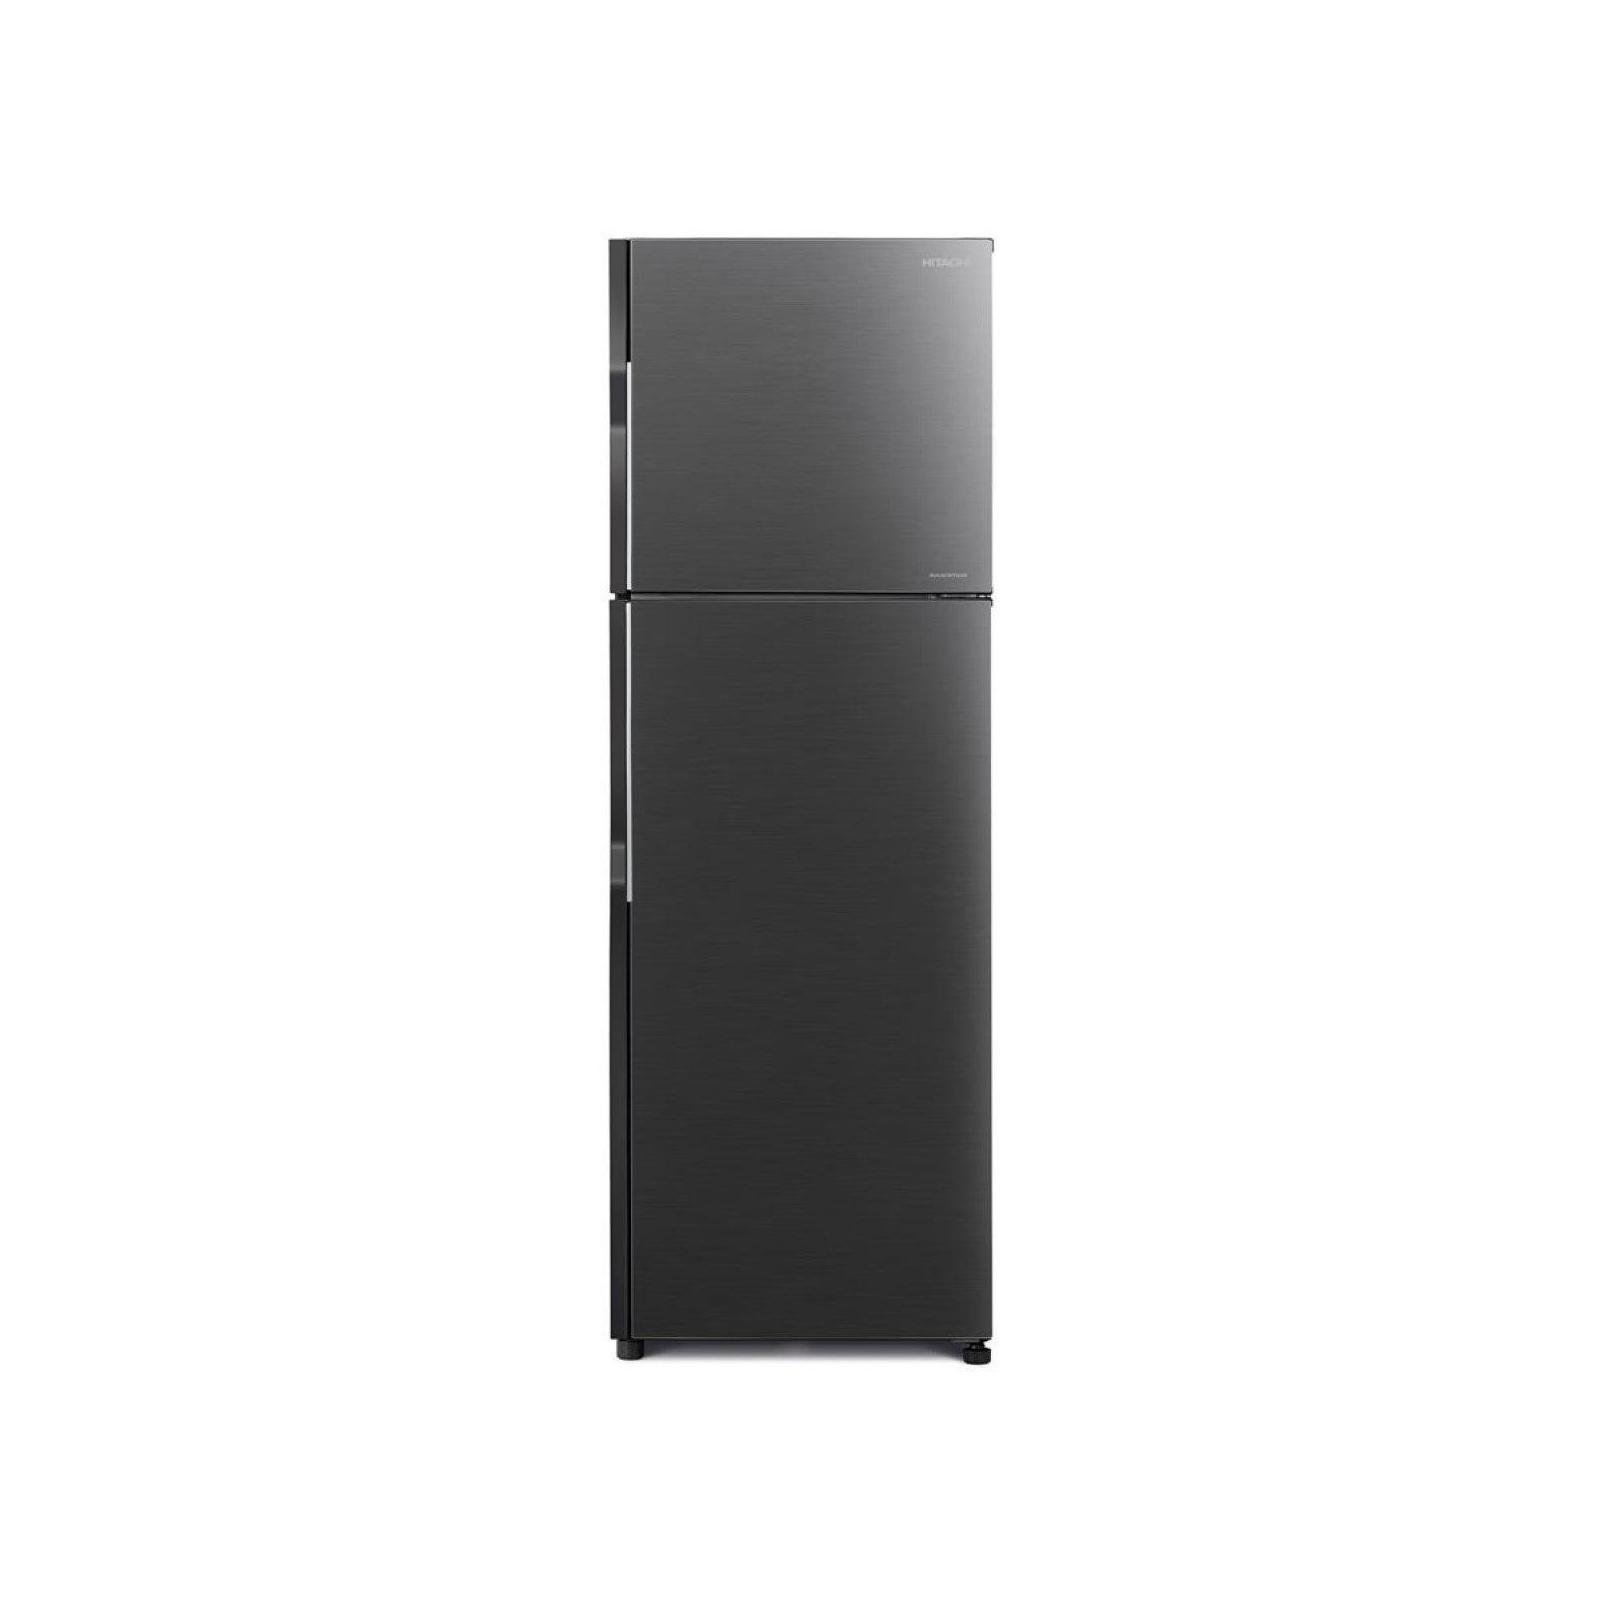 Холодильник Hitachi R-H330PUC7BBK изображение 2